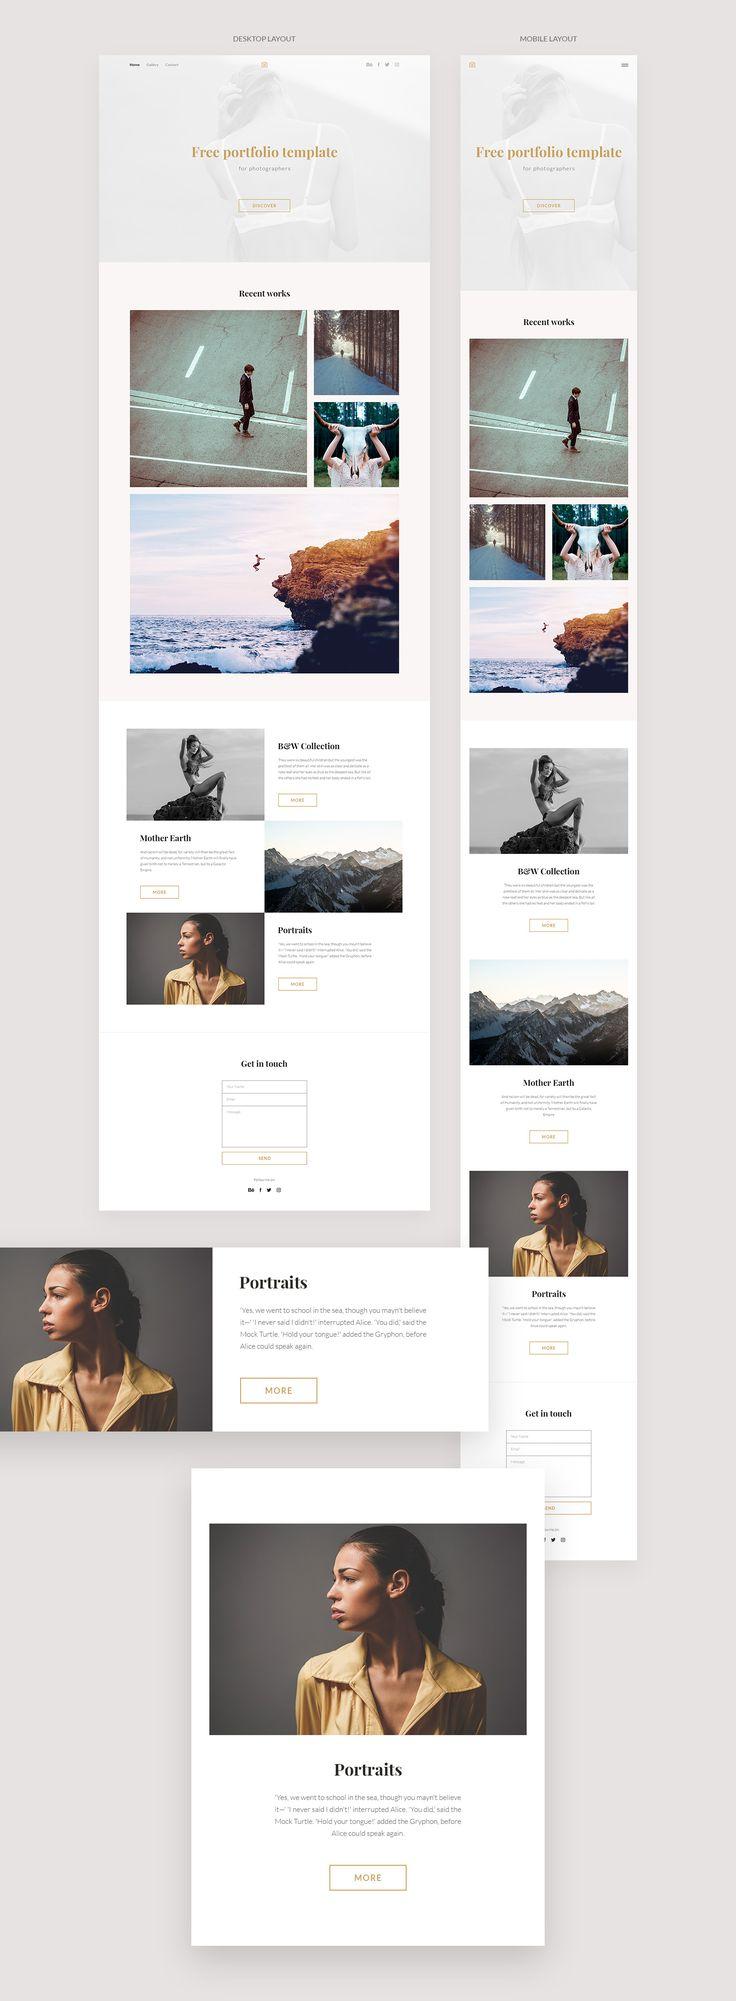 Die besten 25+ Free portfolio template Ideen auf Pinterest ...